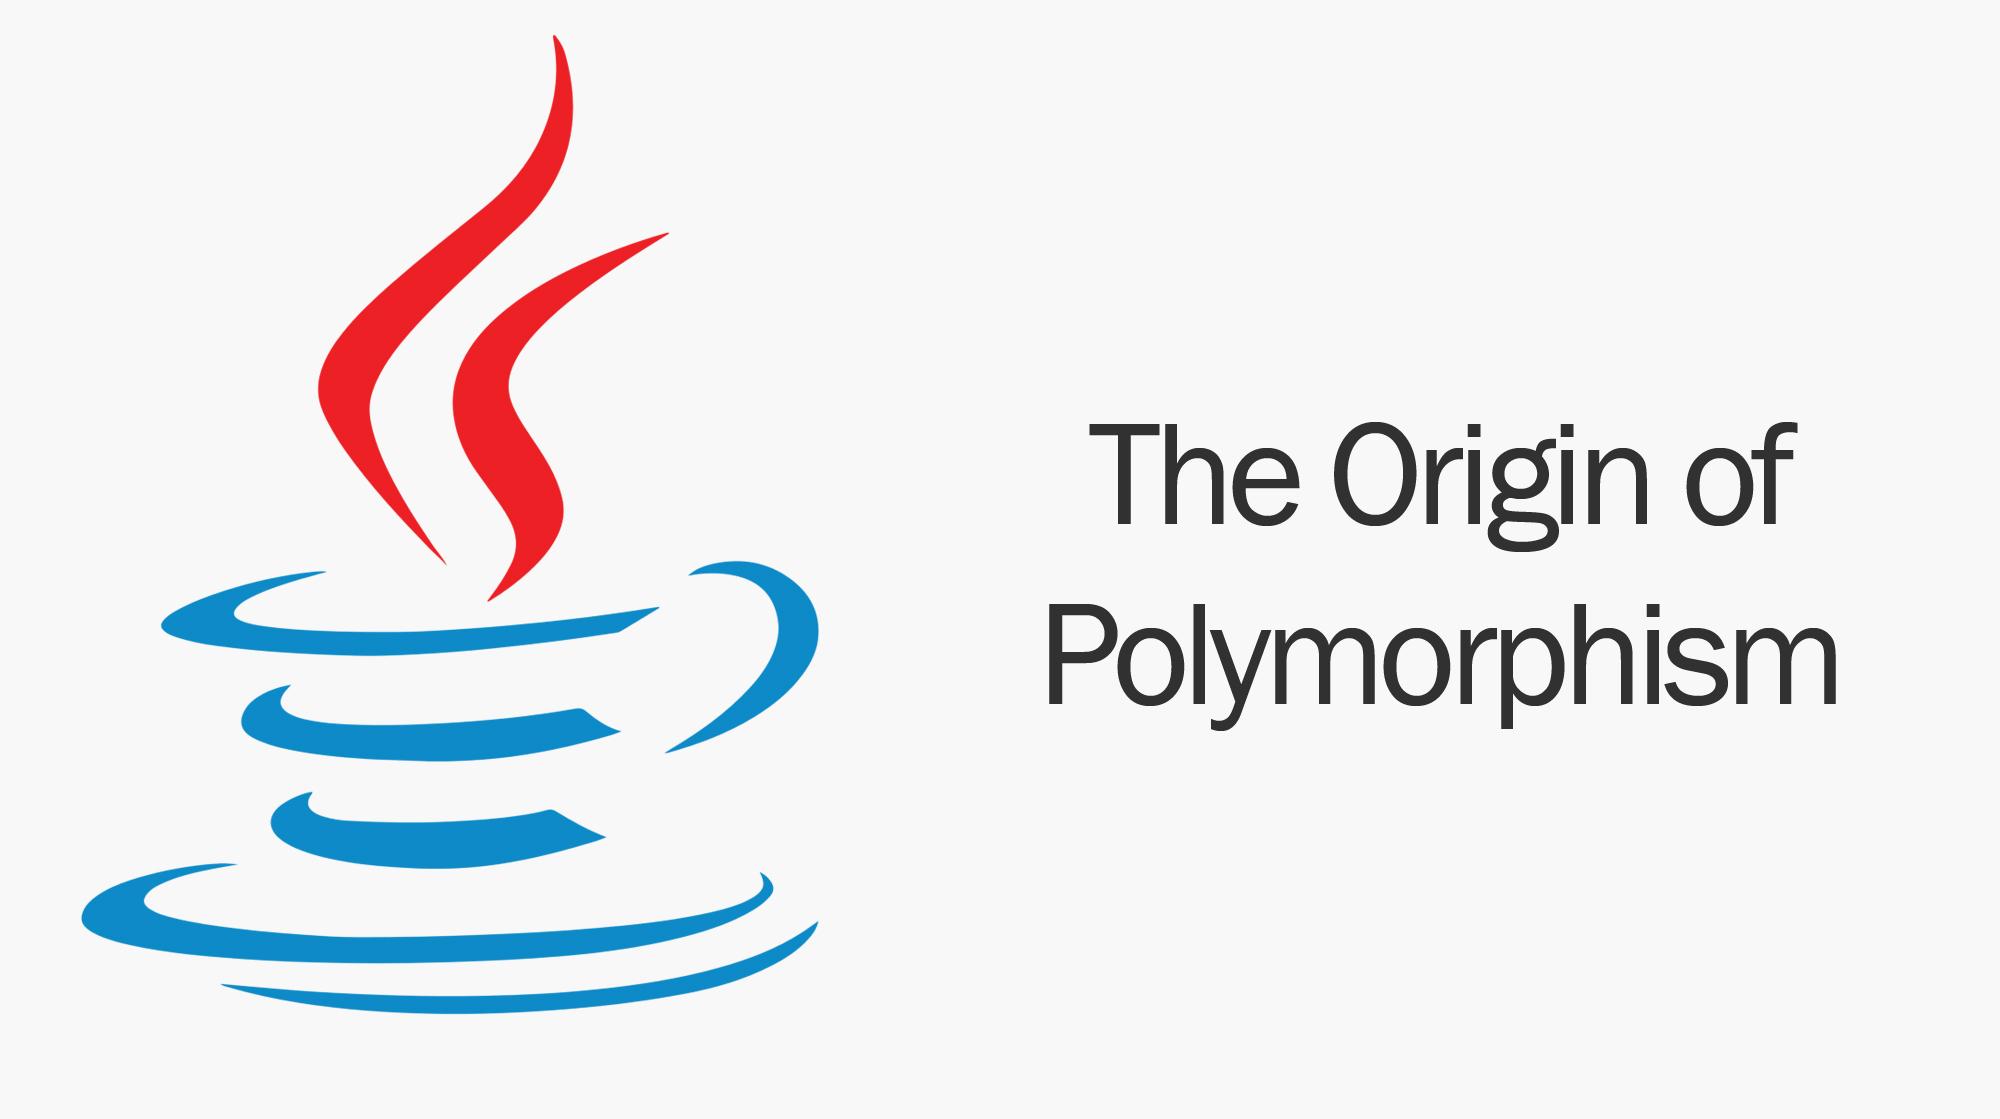 آموزش چندریختی و یا polymorphism در جاوا